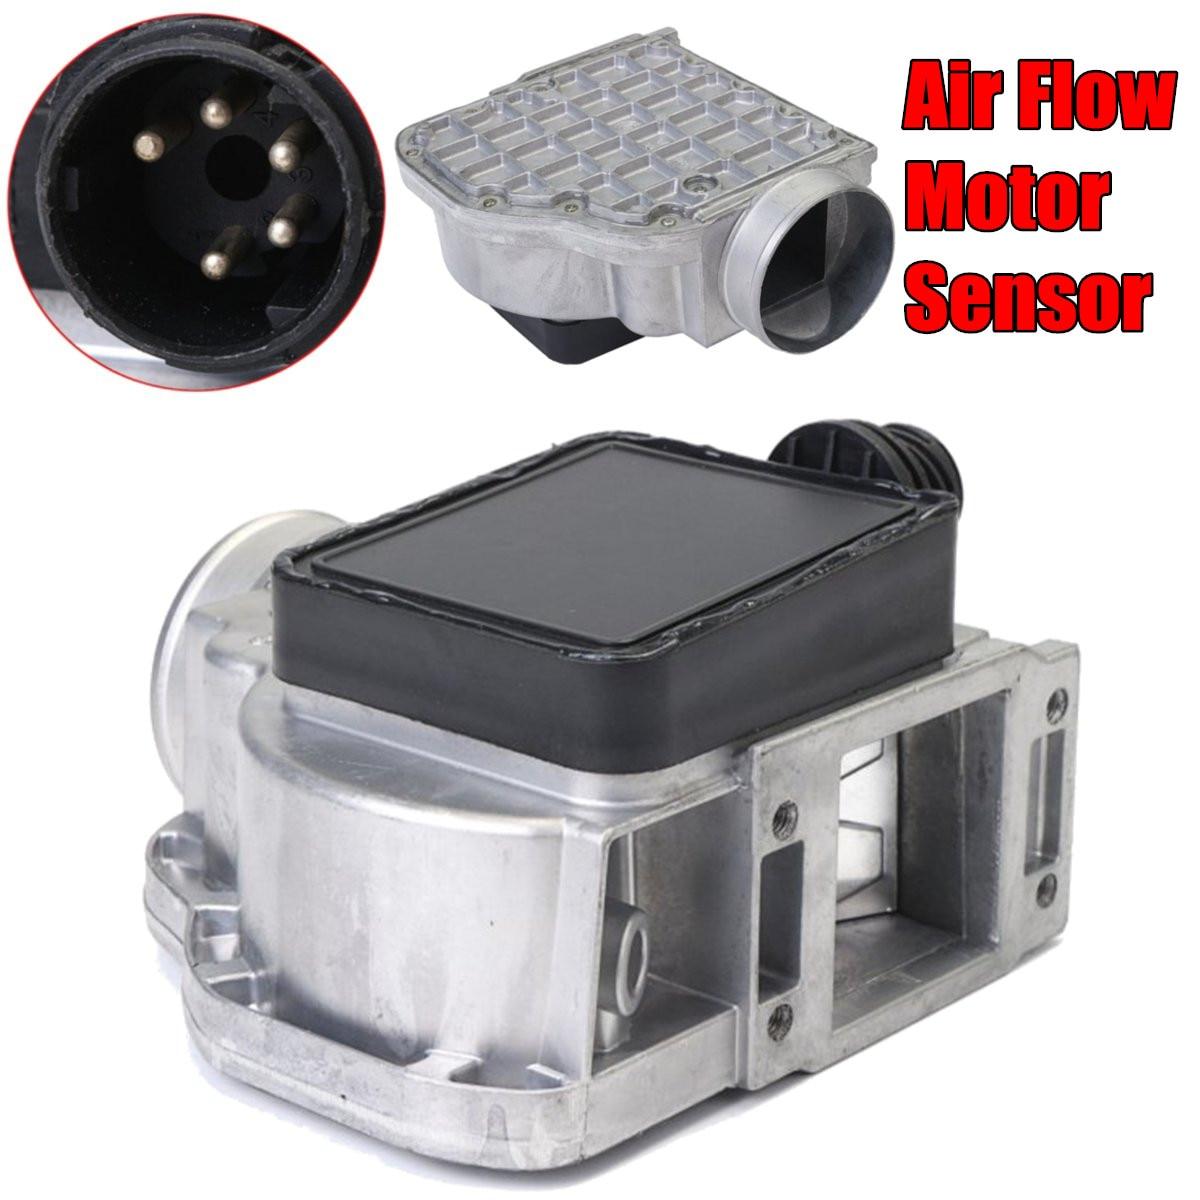 Brand New Air Flow Meter Sensor FOR BMW E30 E36 E34 Z3 318i 318ti 318is 1.8 518i